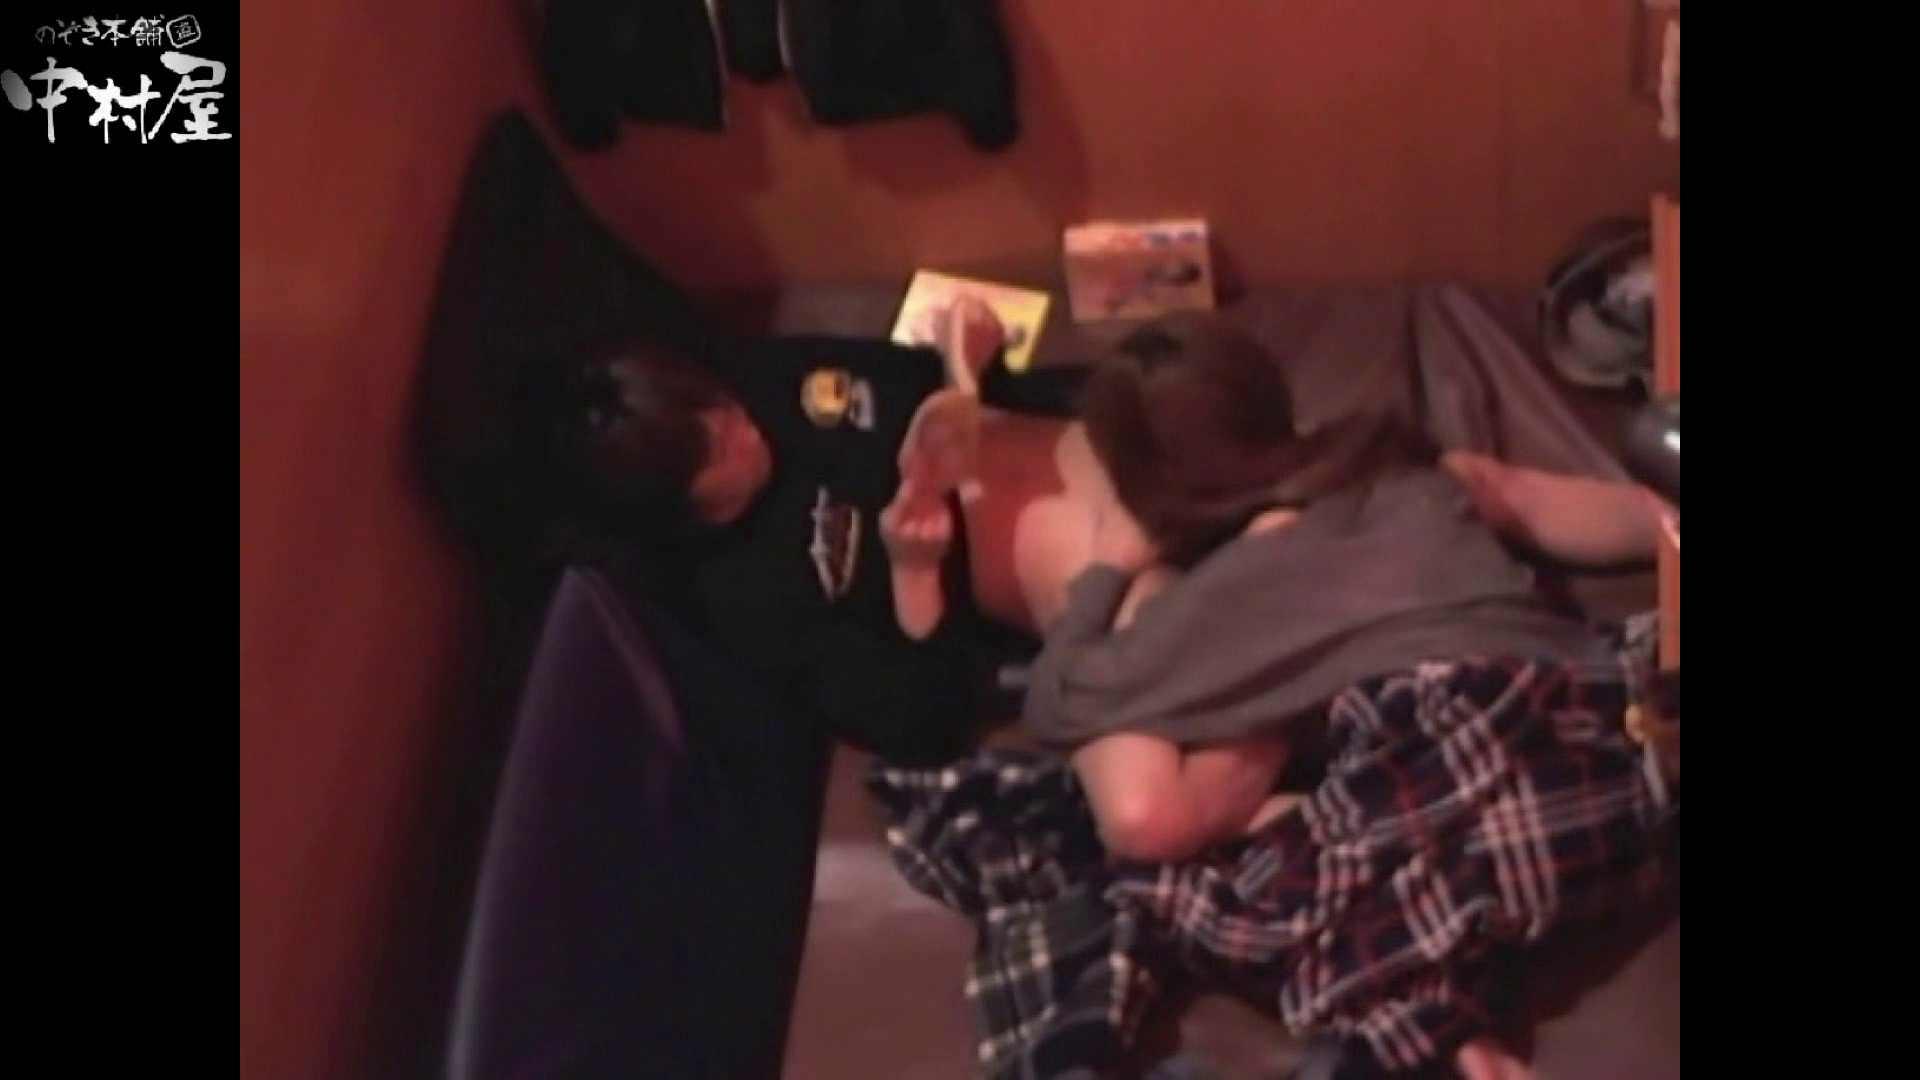 ネットカフェ盗撮師トロントさんの 素人カップル盗撮記vol.2 乳首 盗み撮り動画キャプチャ 100pic 83